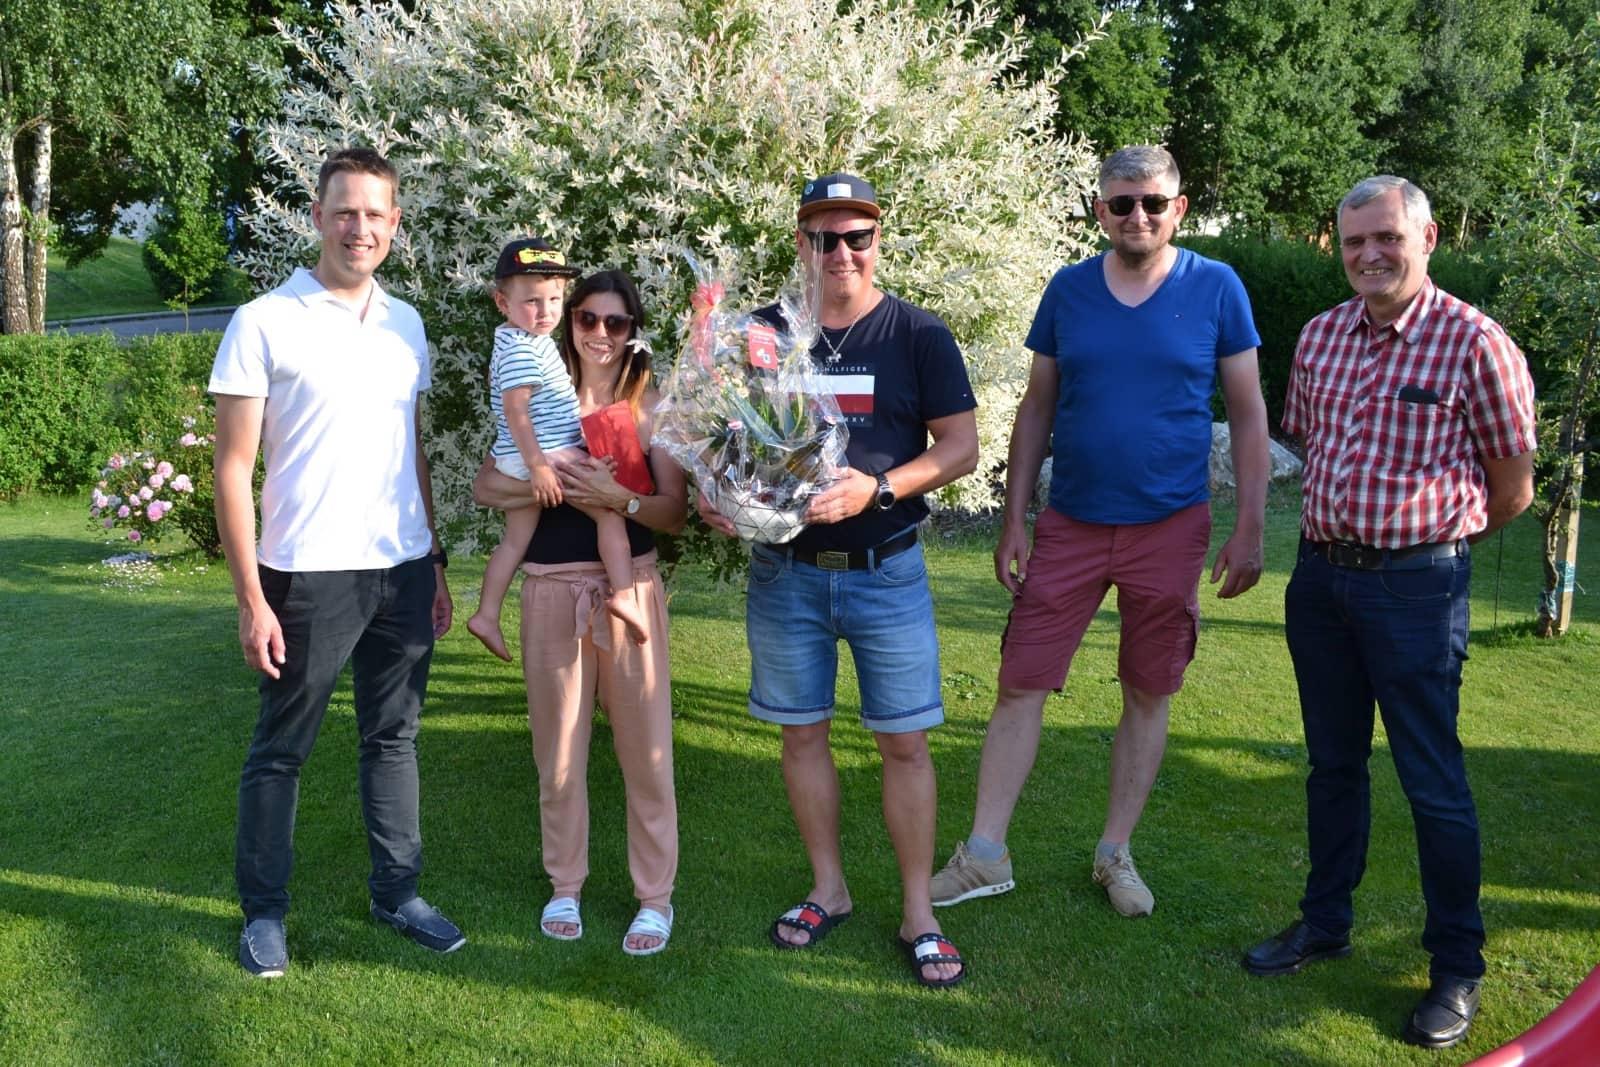 FF Althofen: Glückwünsche zur Hochzeit - Kerstin & Patrick